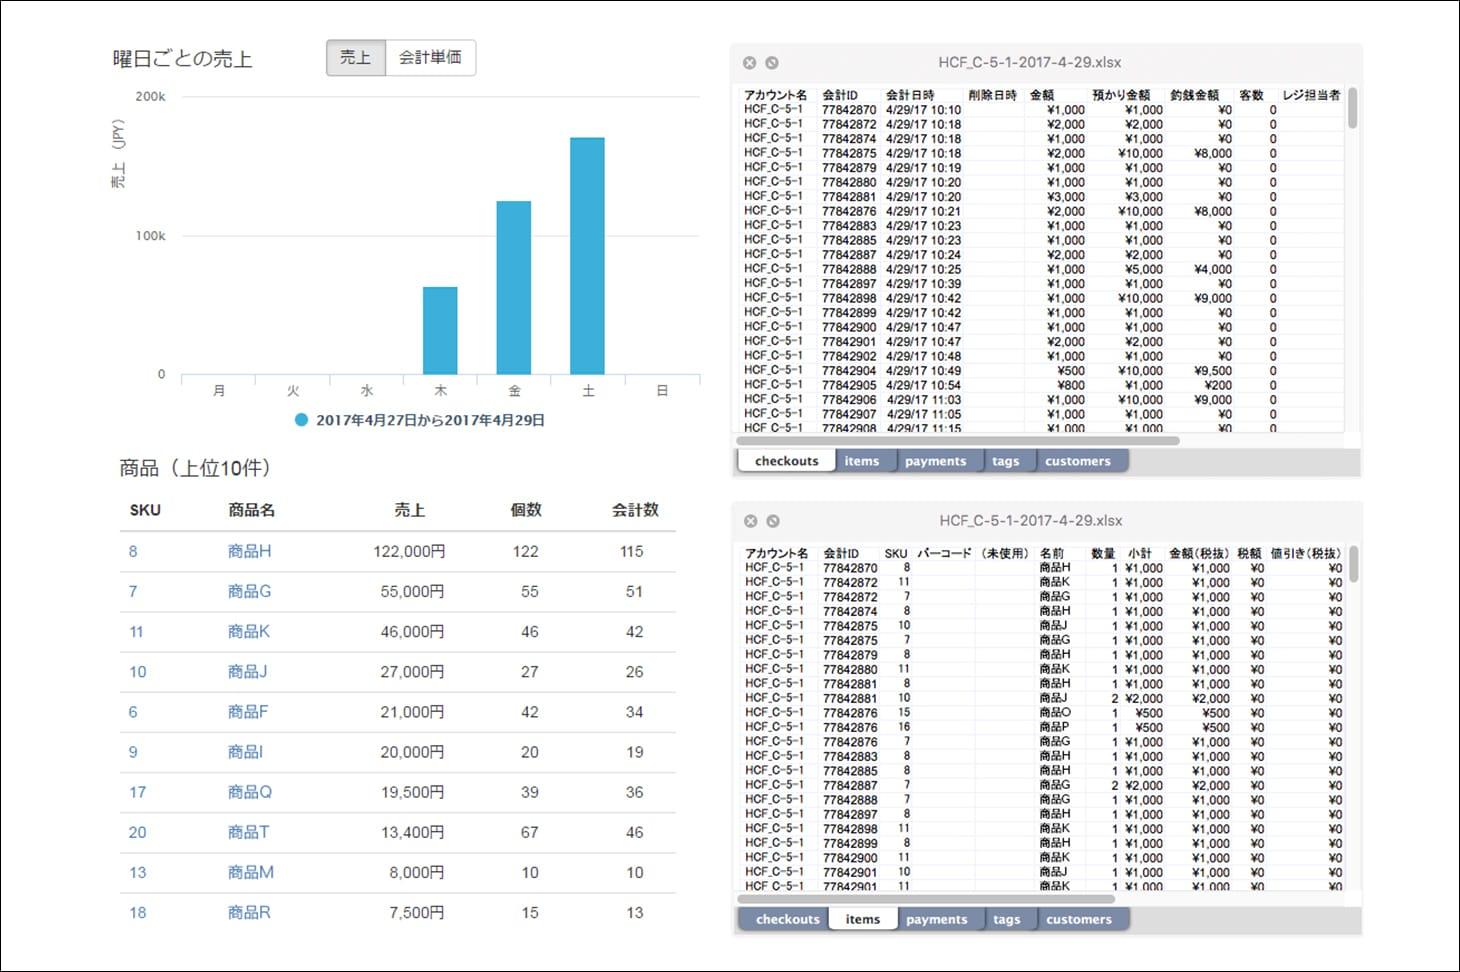 ユビレジ - 売上集計データ